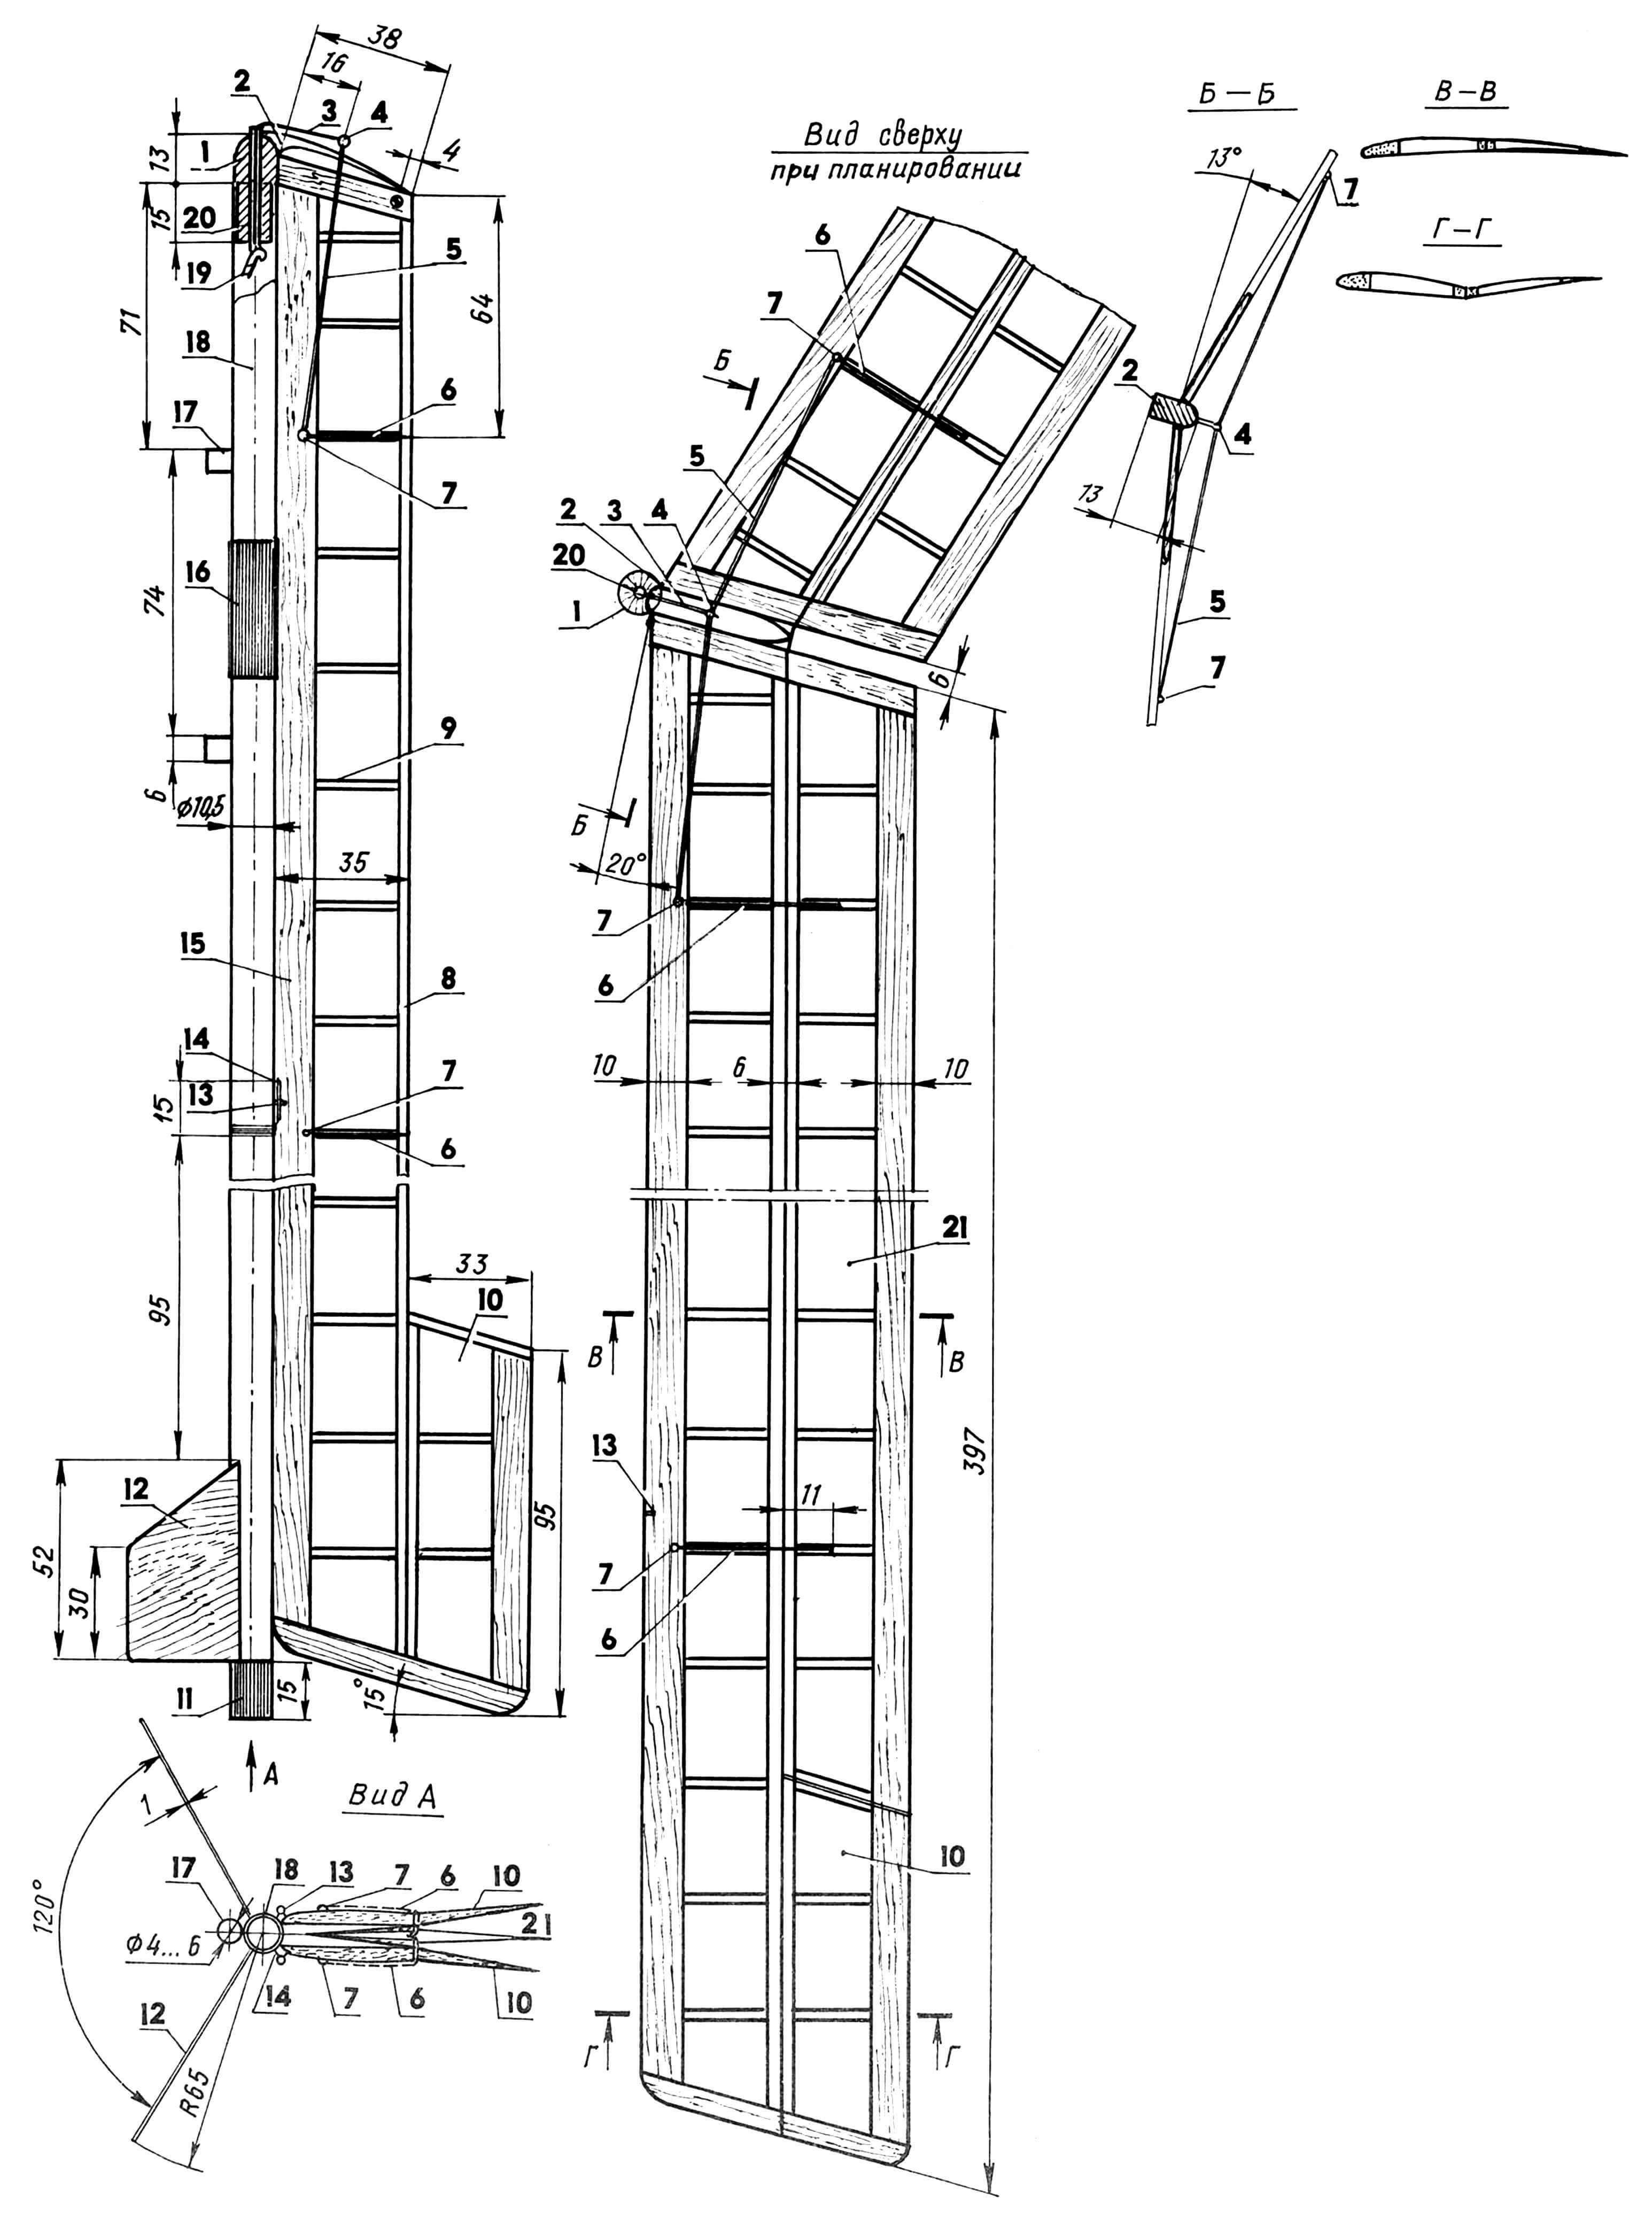 Ракетоплан «летающее крыло»: 1 — обтекатель; 2 — пилон крыла; 3 — нить фиксирования раскрытого крыла; 4 — стойка для резинок; 5 — резинки раскрытия крыла; 6 — резинки раскрытия закрылков; 7 — крючки; 8 — лонжерон крыла; 9 — нервюра; 10 — закрылки неподвижные; 11 — МРД; 12 — стабилизатор носителя; 13 — кольца крепления крыла к носителю, направляющие; 14 — штыри для установки крыла, направляющие; 15 — кромка крыла передняя; 16 — лента тормозная; 17 — кольца направляющие; 18 — корпус носителя; 19 — фитиль; 20 — канал для нити фиксирования раскрытого крыла; 21 — закрылки подвижные.